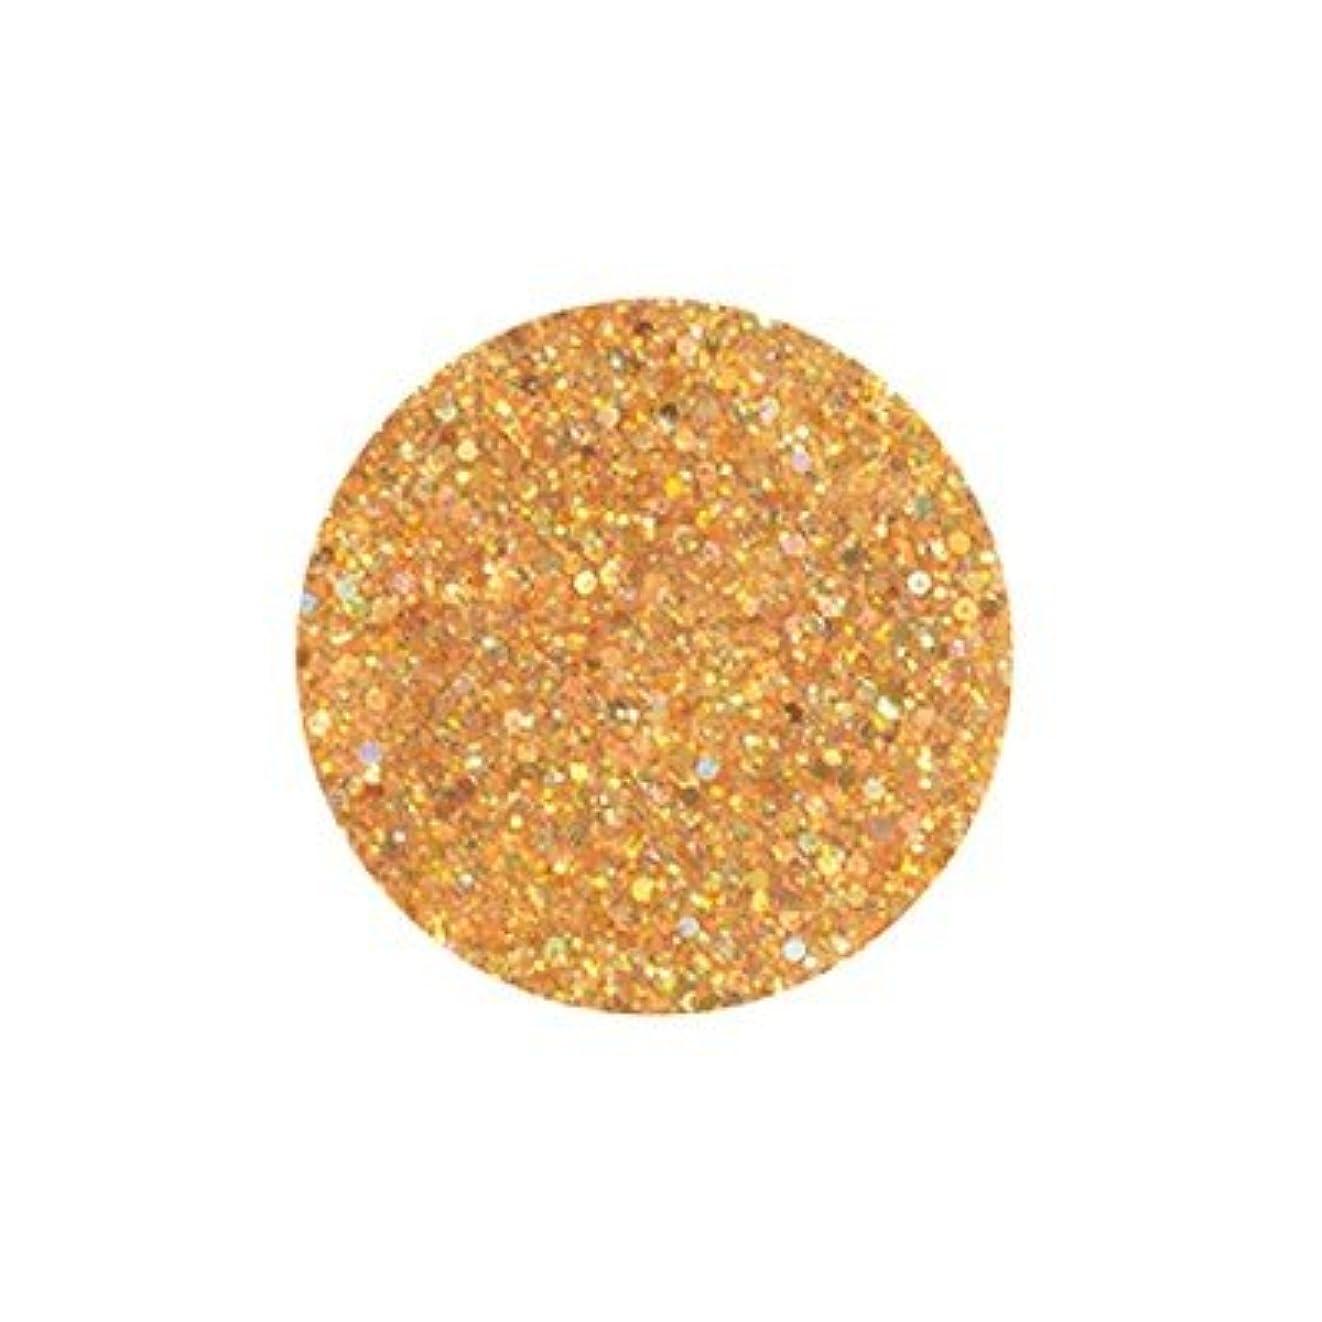 端末歯大工FANTASY NAIL ダイヤモンドコレクション 3g 4254XS カラーパウダー アート材